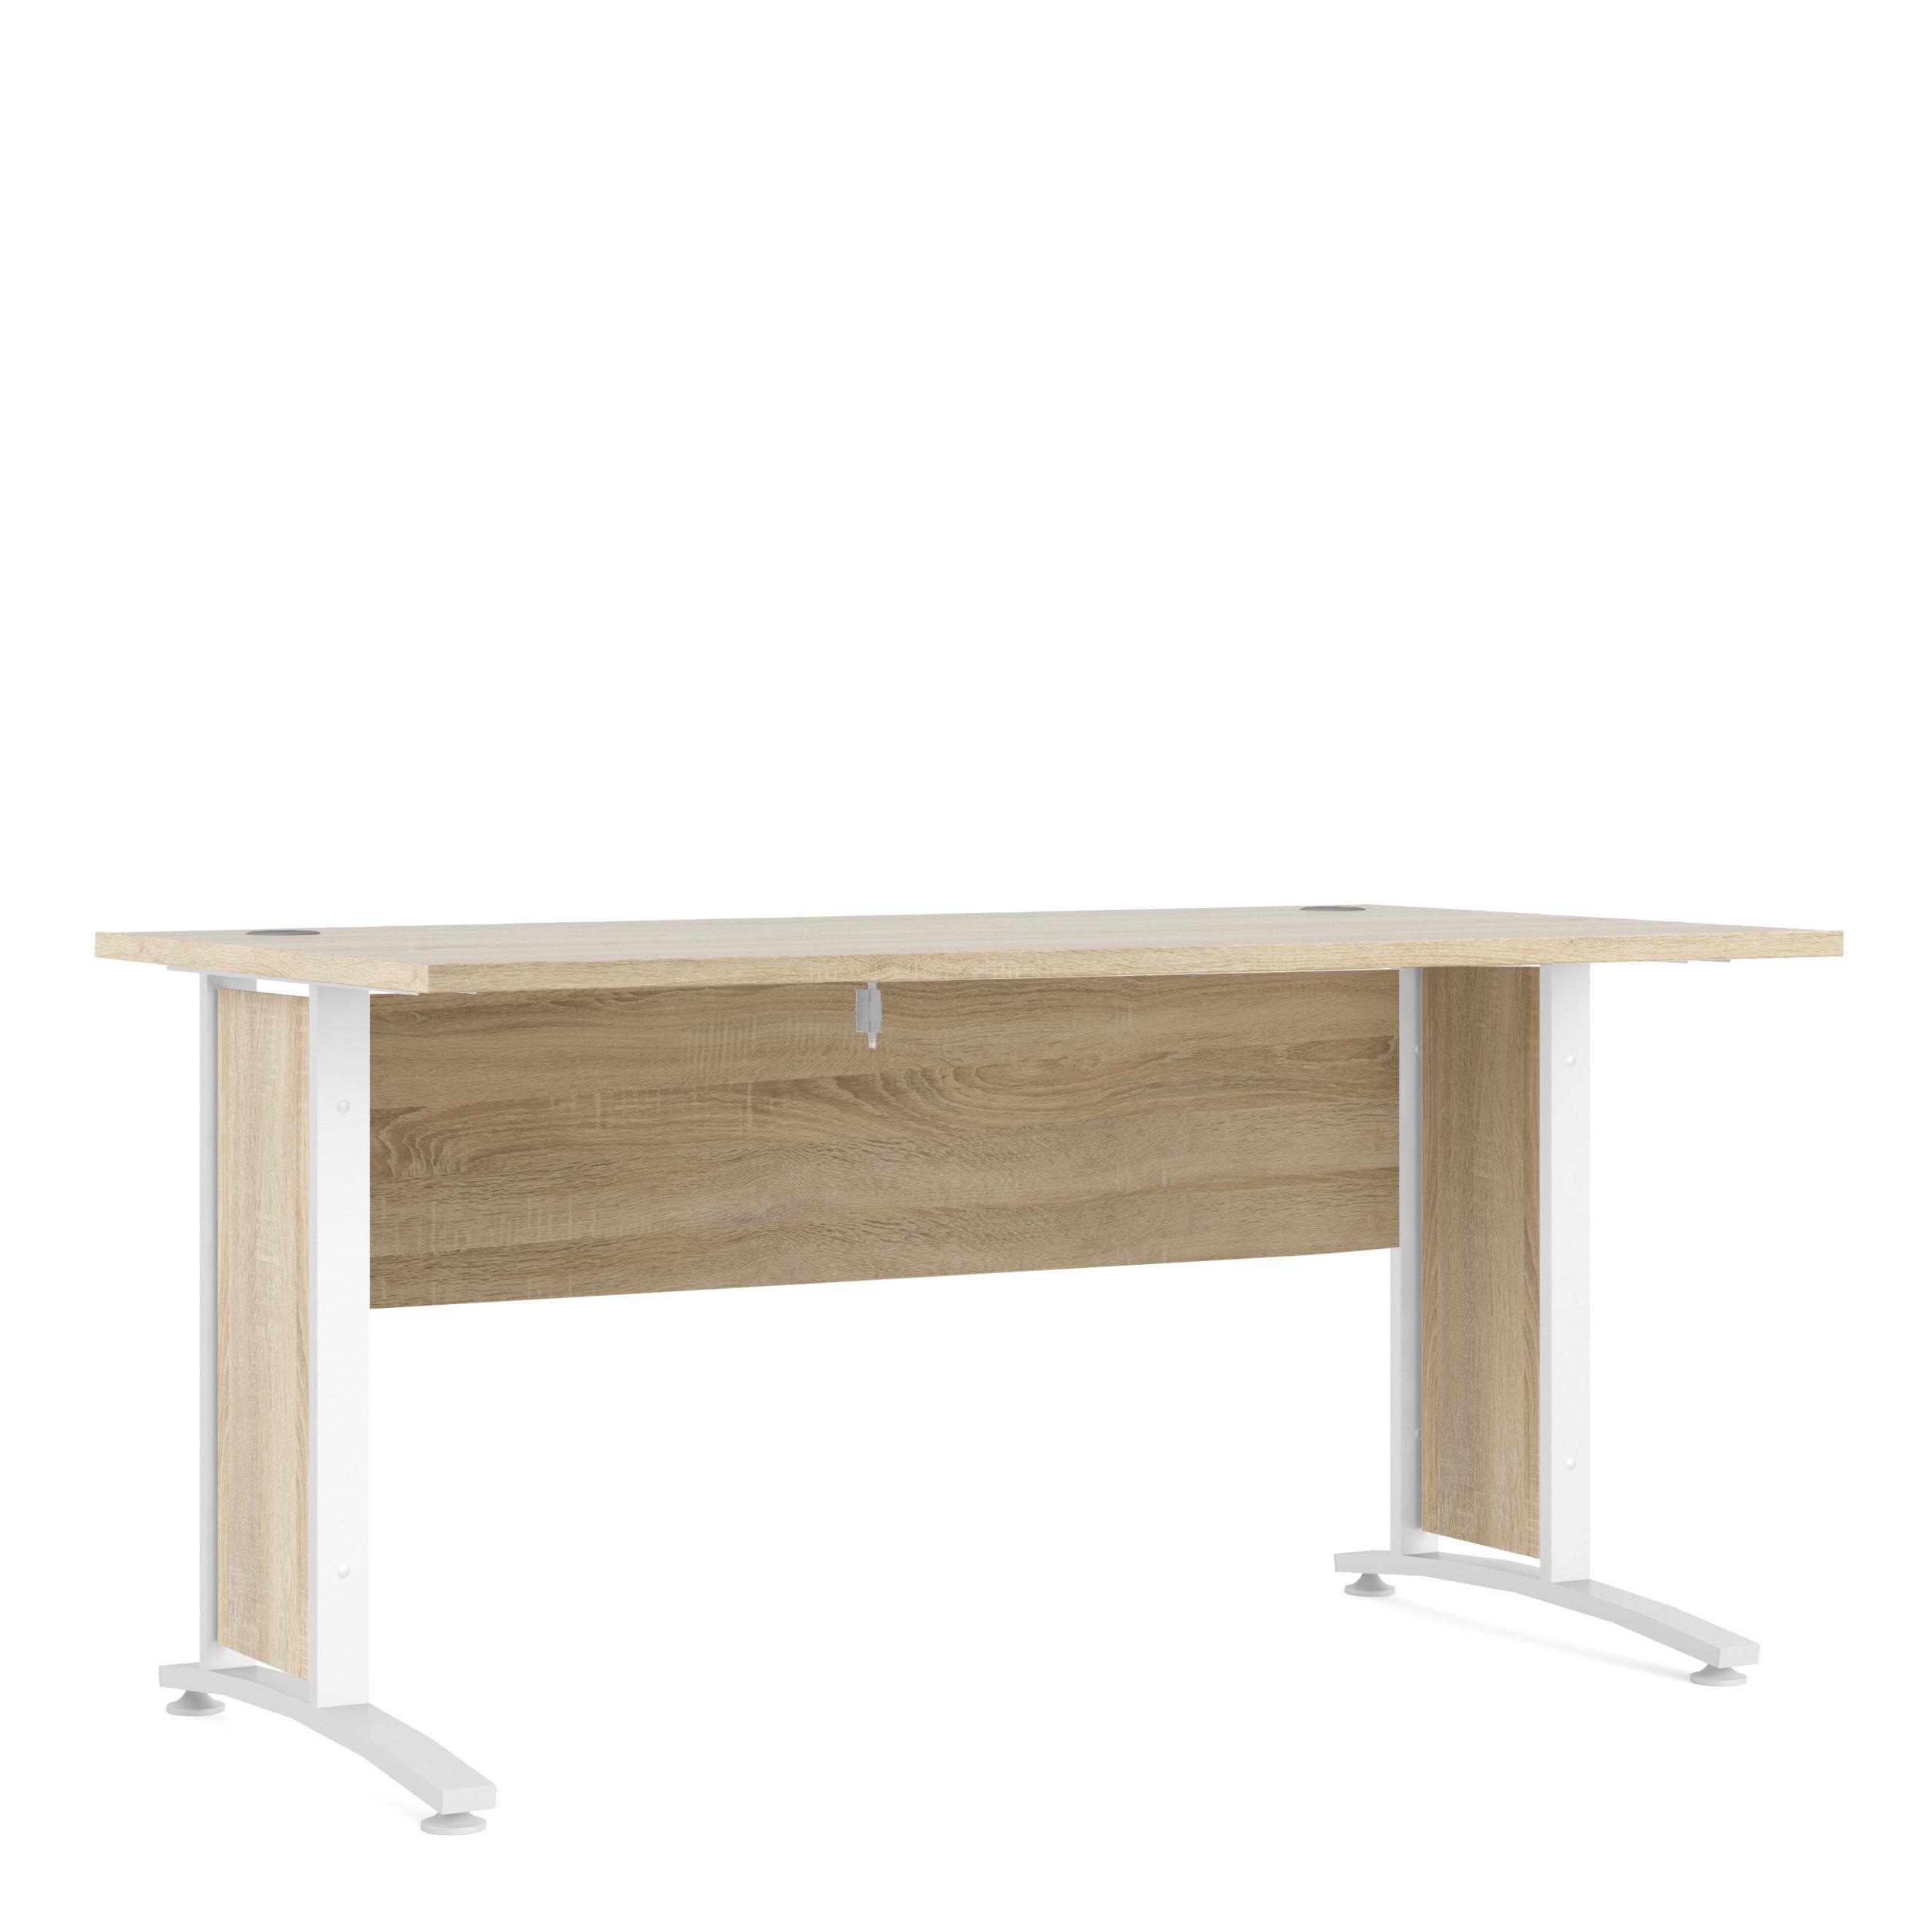 Kansas Desk 150 cm in Oak with White Legs   Self Assembly